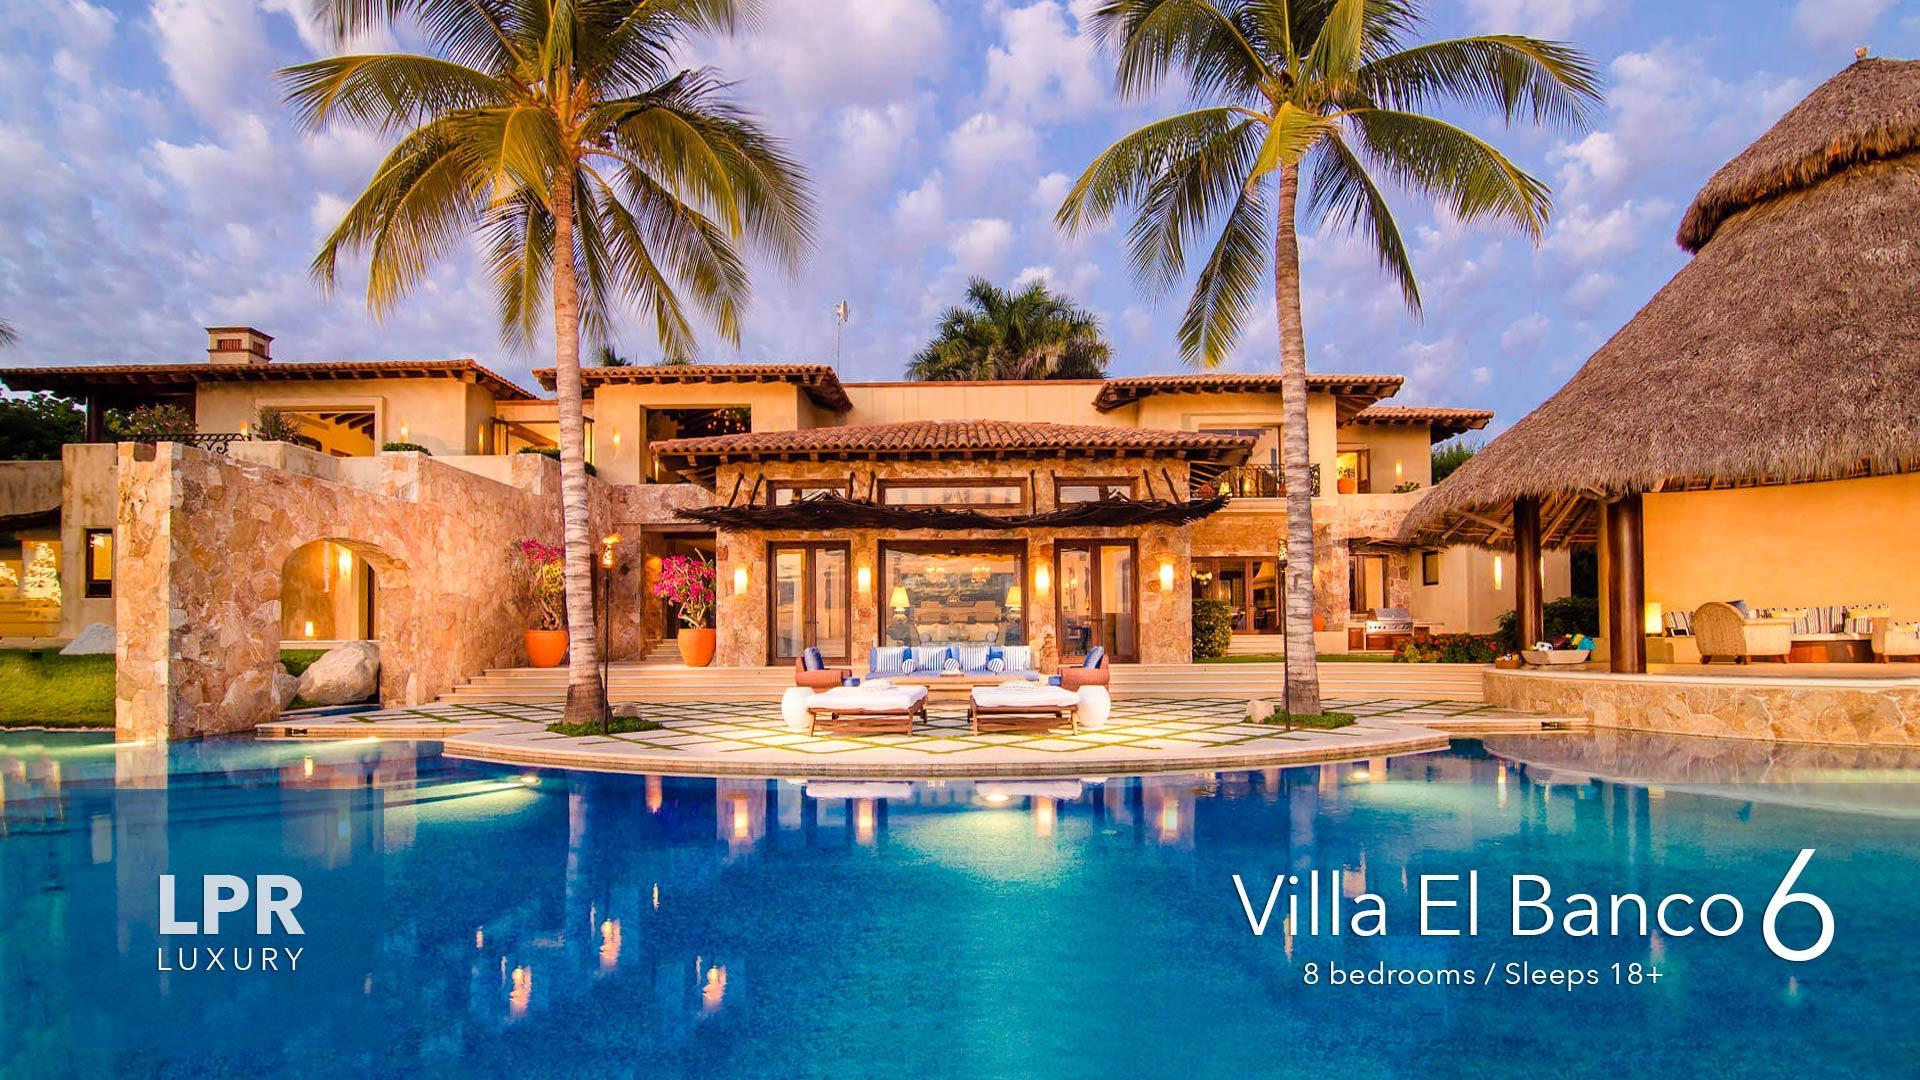 Villa El Banco 6 - Ultra Luxury vacation rental villa at the Susurros del Corazon - Auberge Resort, Punta de Mita, Riviera Nayarit, Mexico